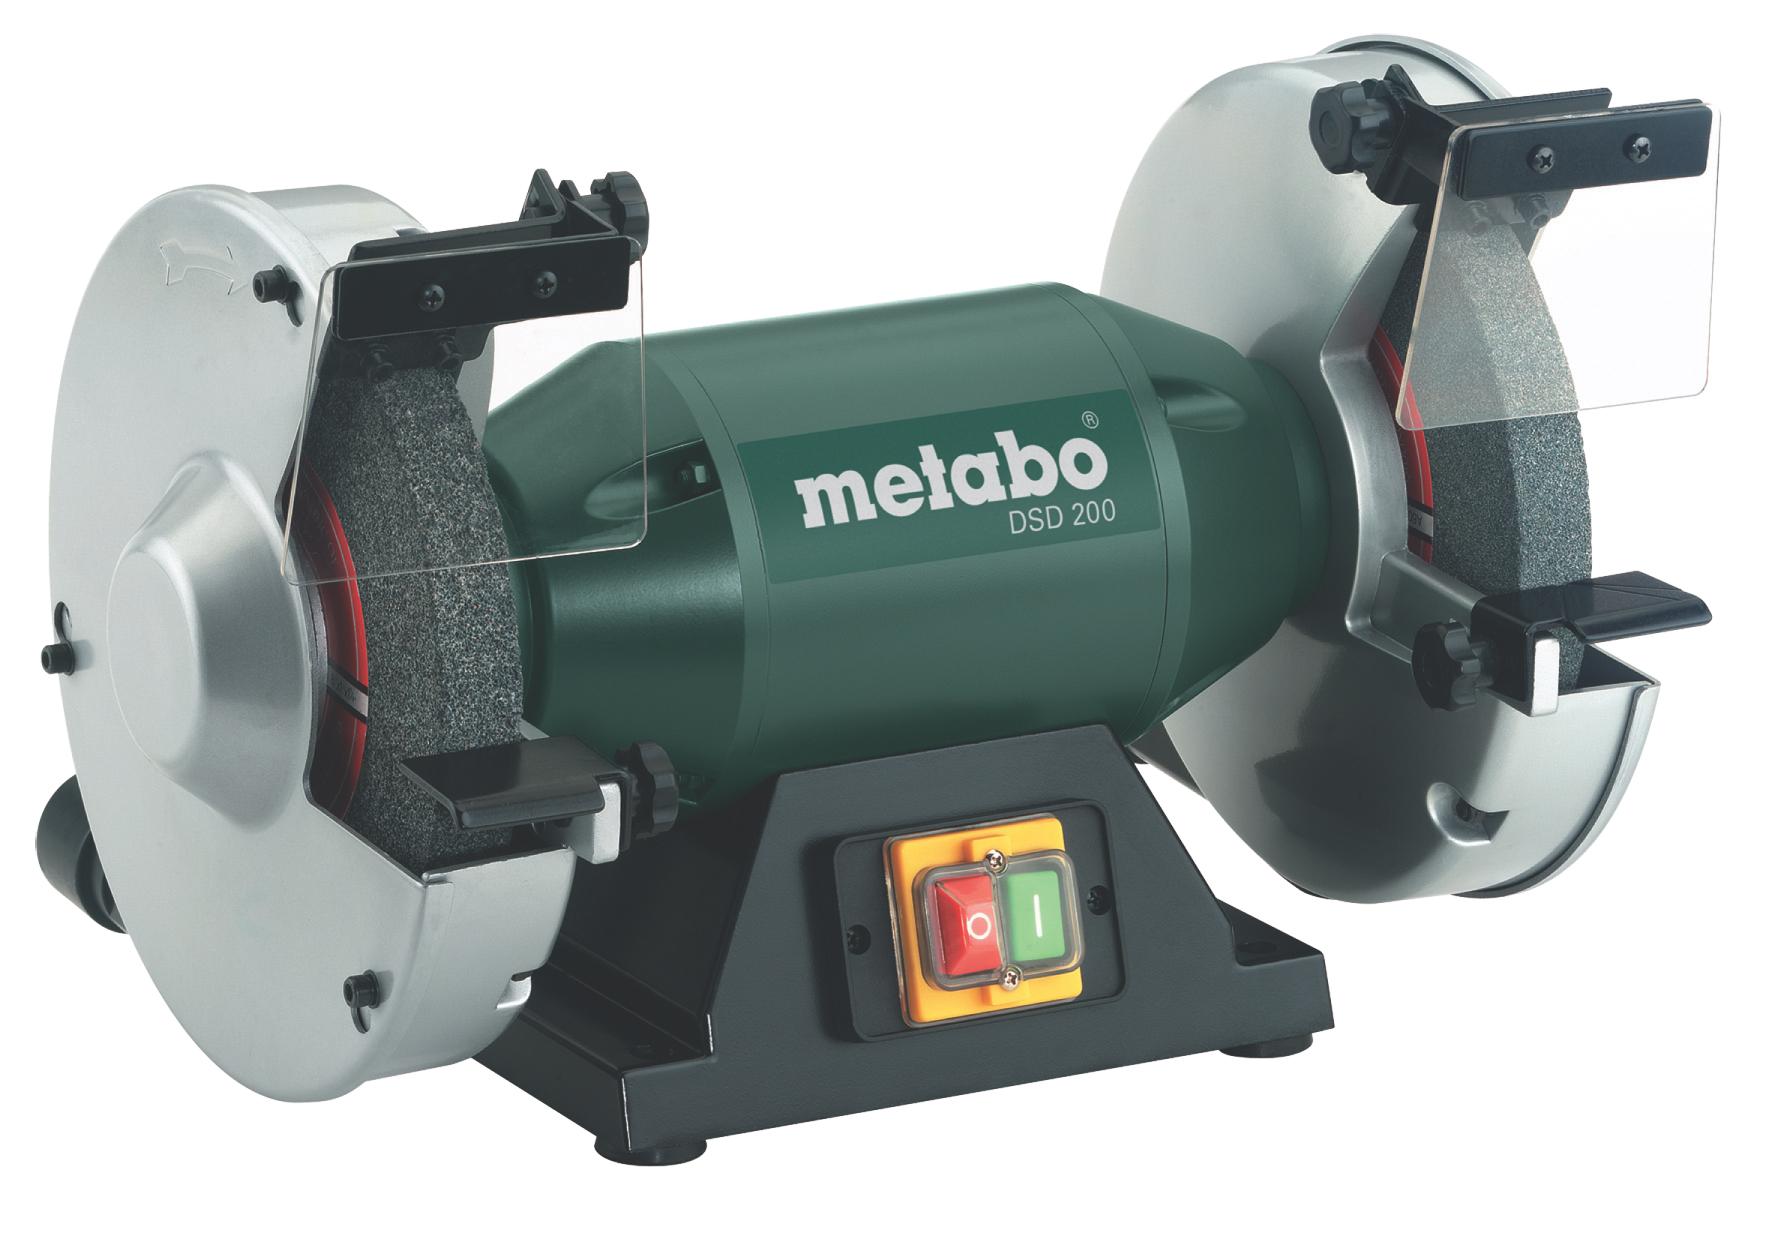 ������ Metabo Dsd 200